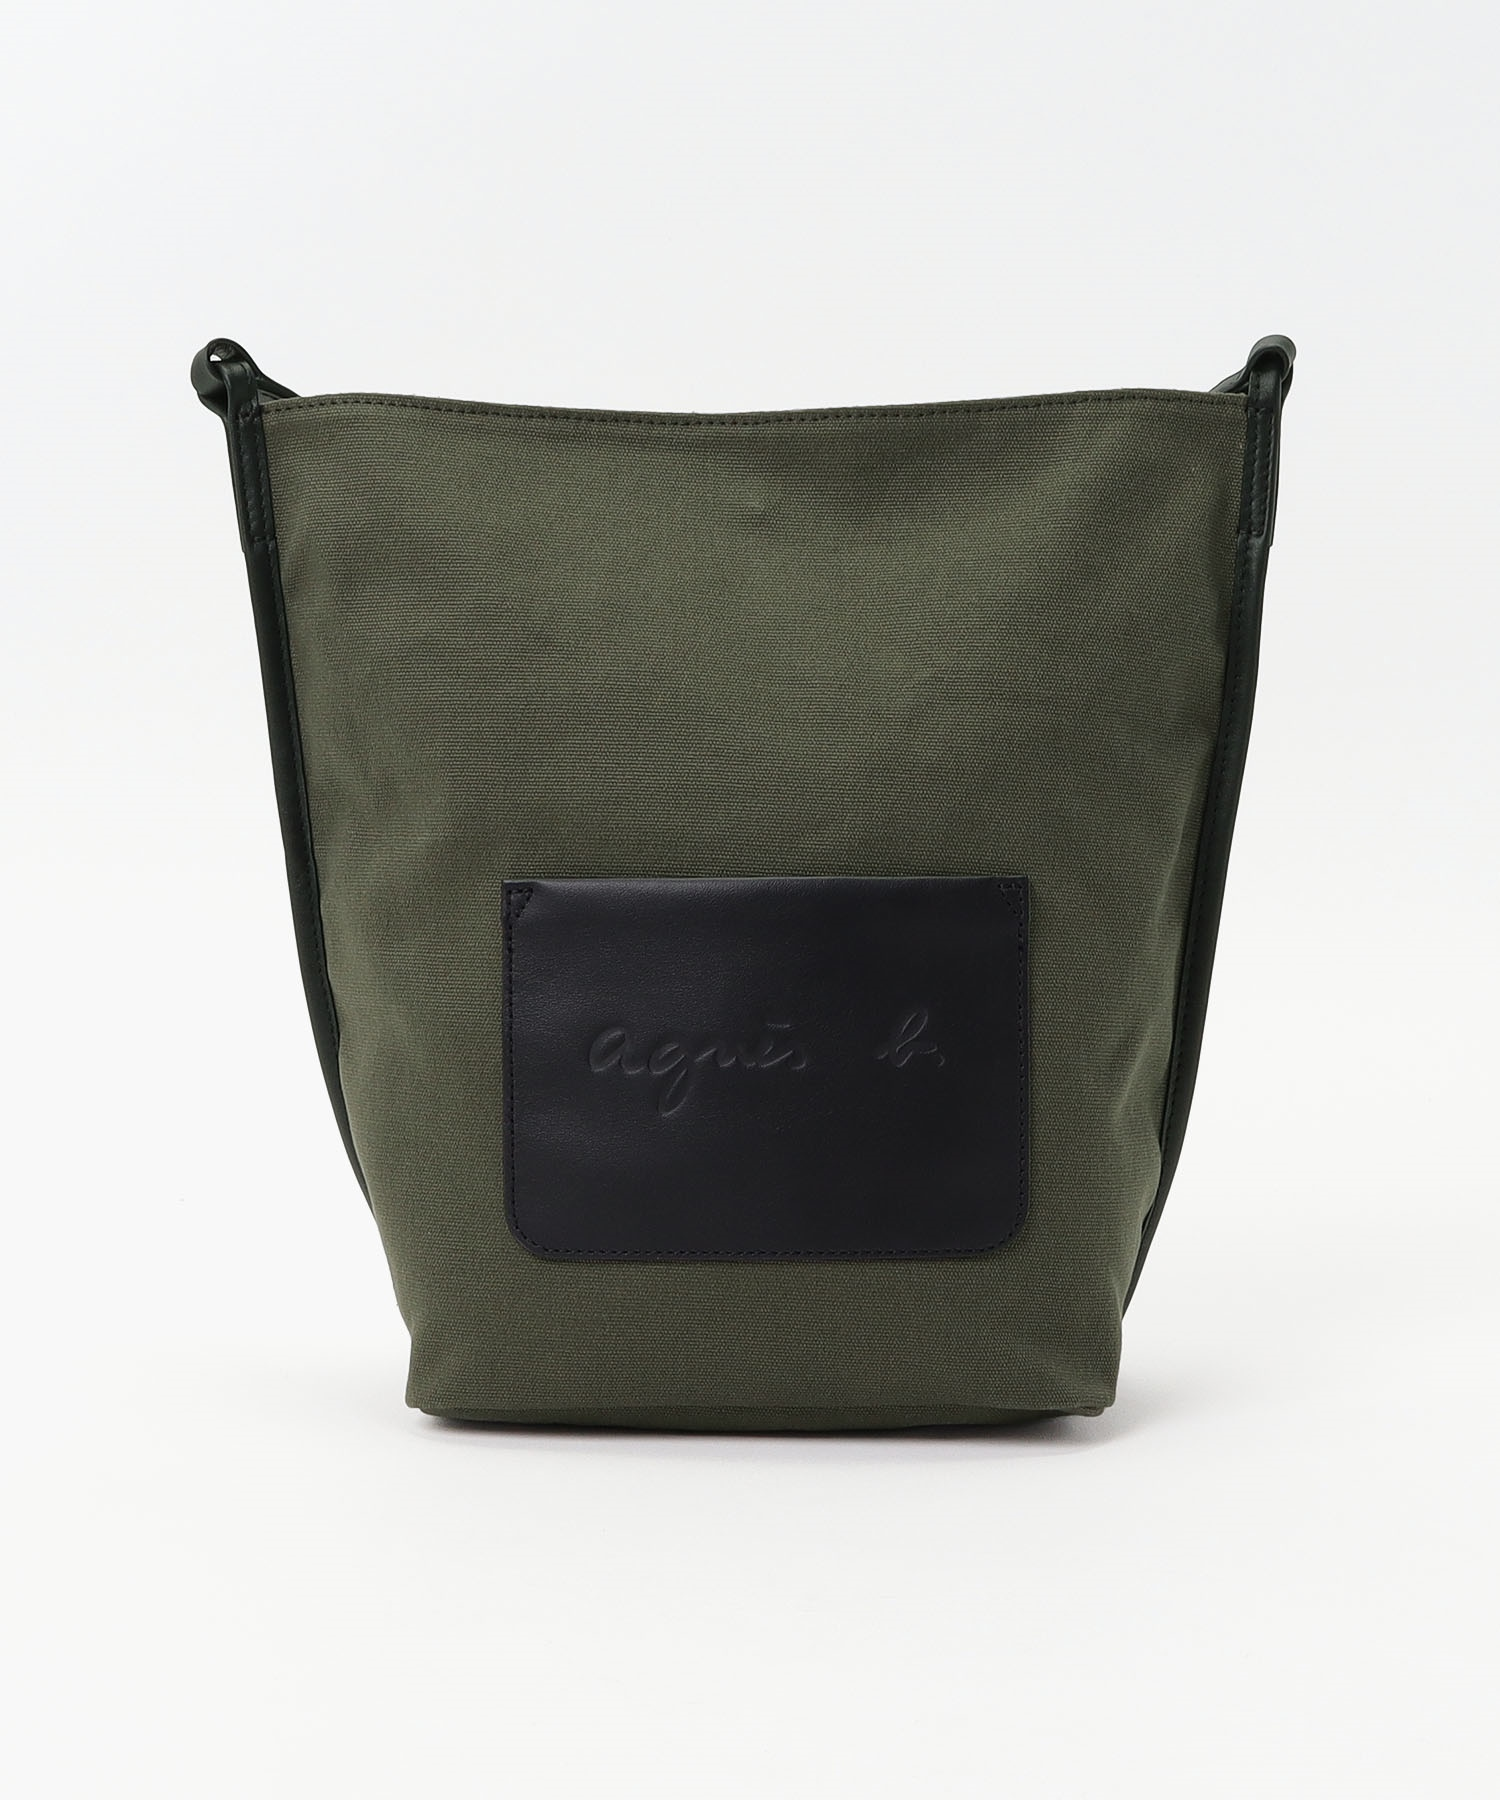 【WEB限定】QAS20-03 ロゴショルダーバッグ